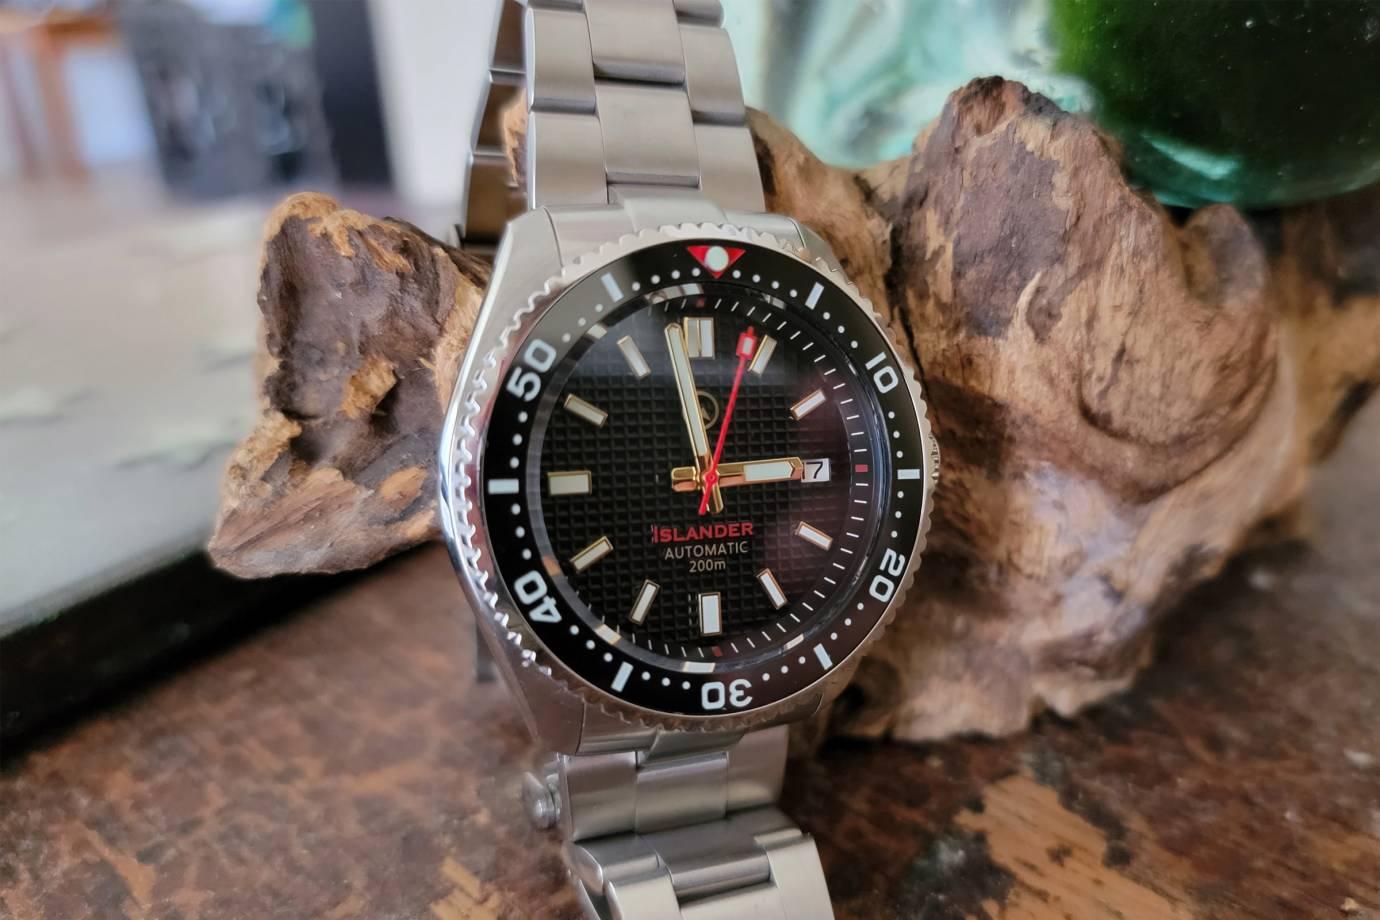 islander #isl-88 automatic watch